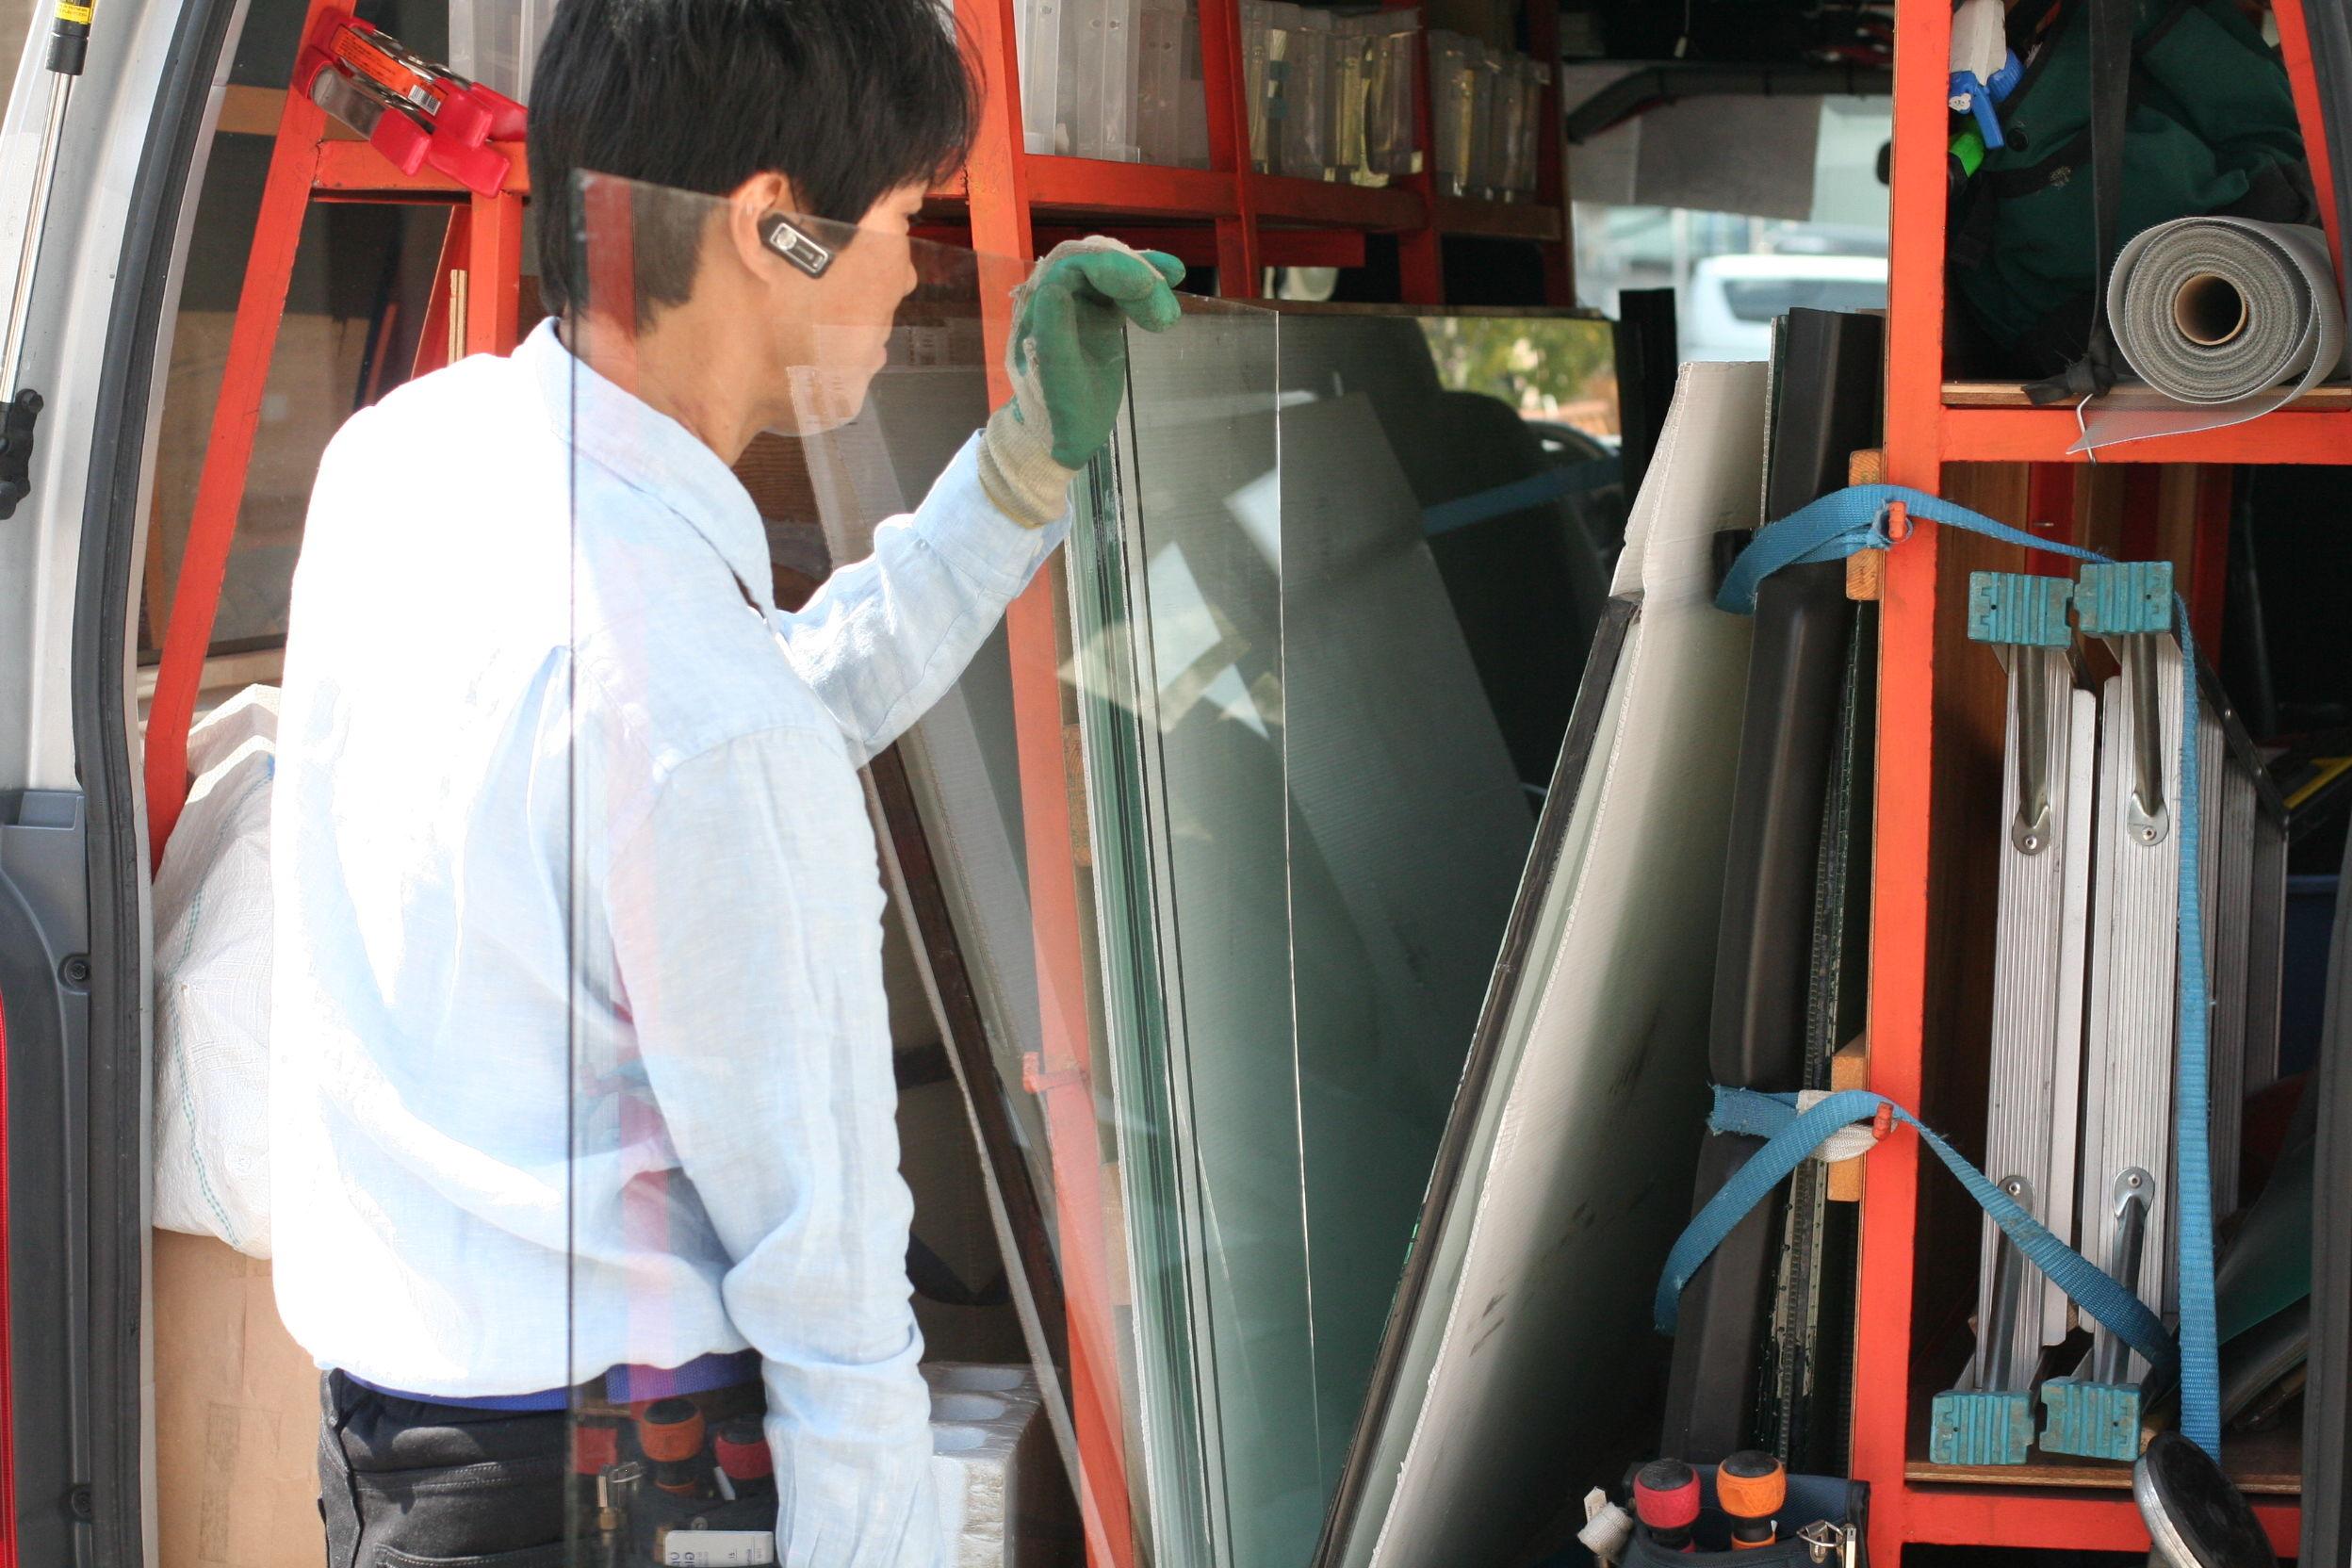 ガラスのトラブル救Q隊.24【新宿区 出張エリア】の店内・外観画像2